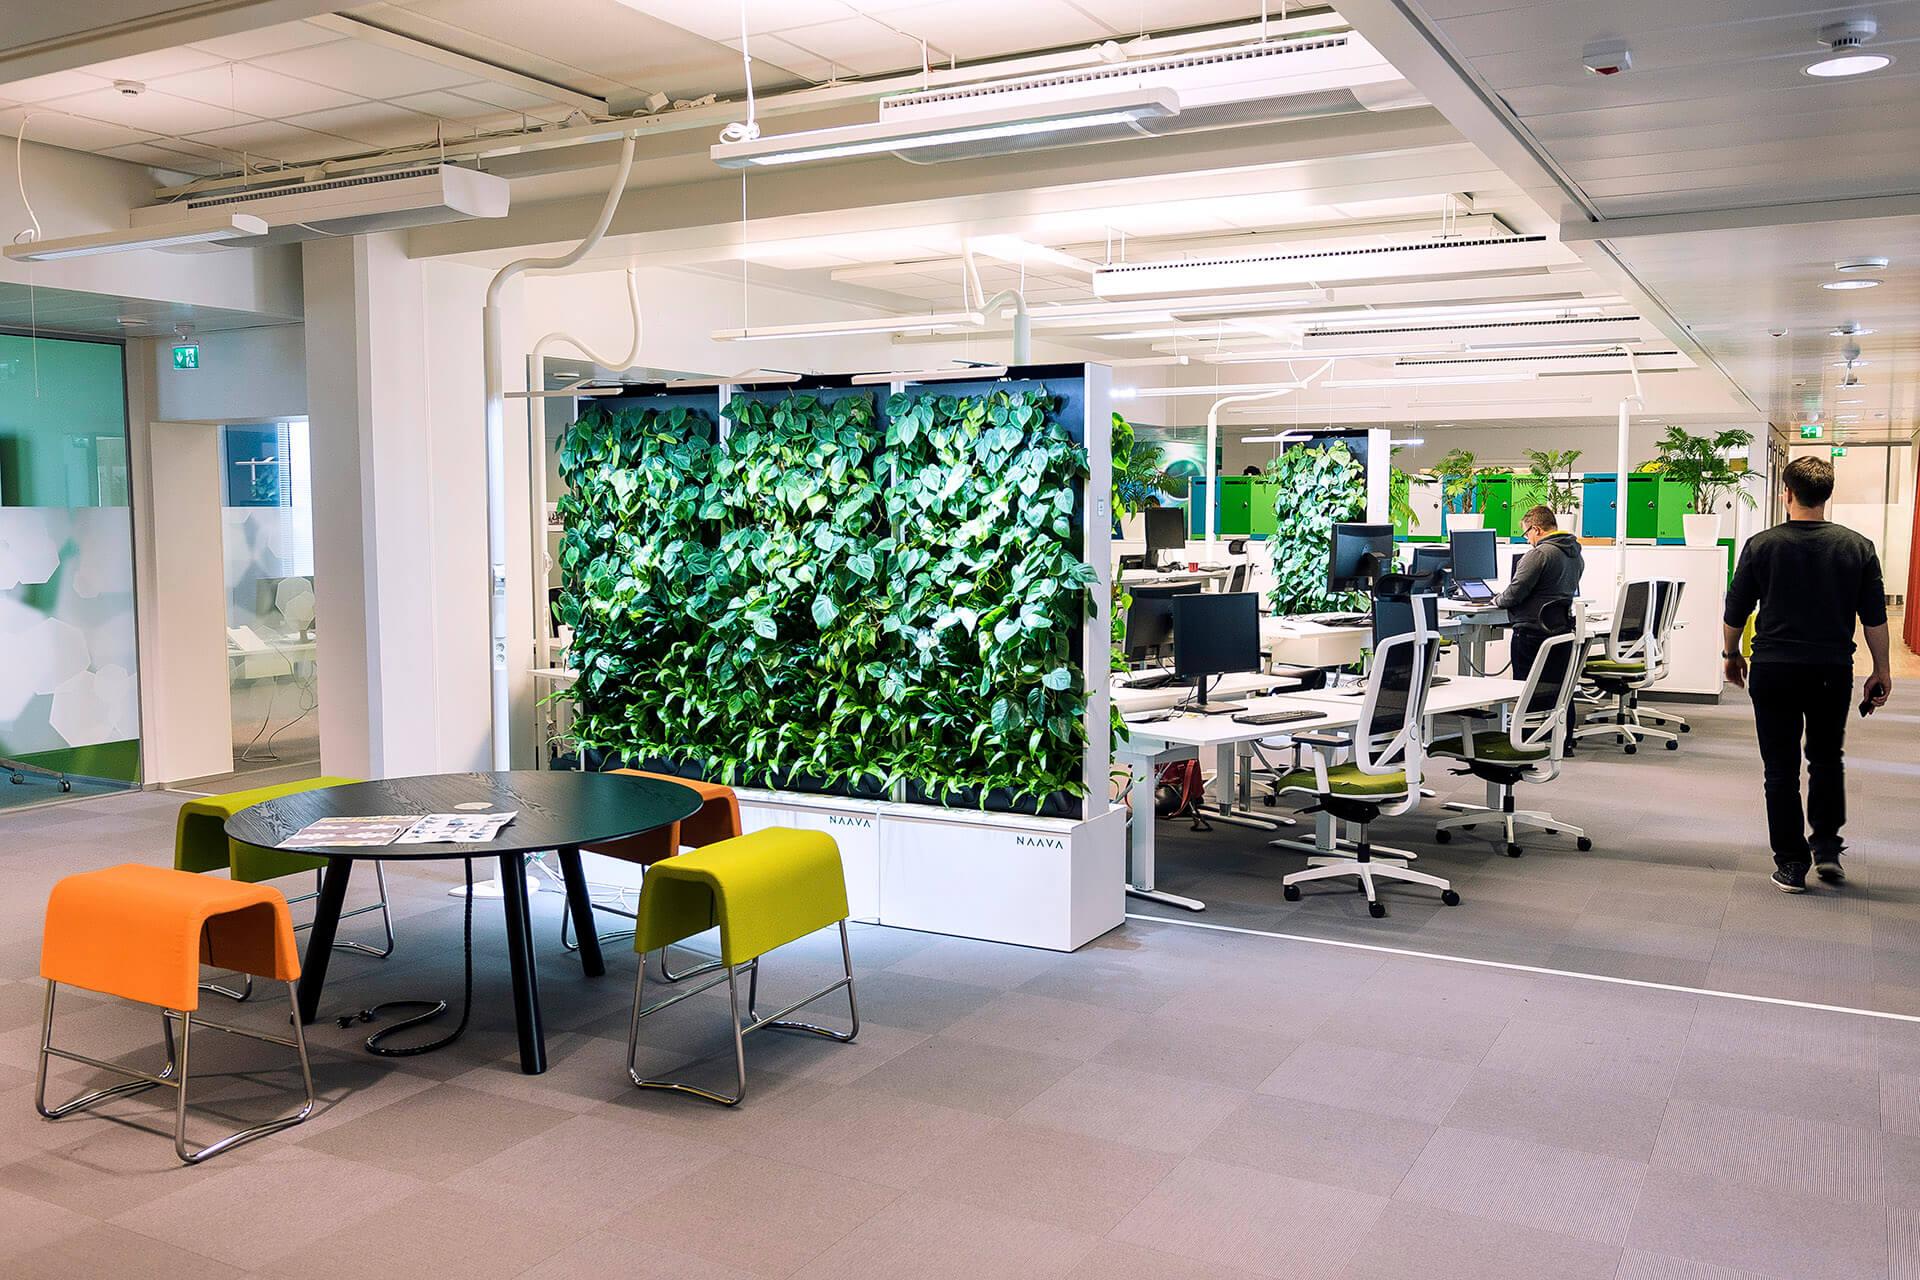 Esri open office - Naava Duo